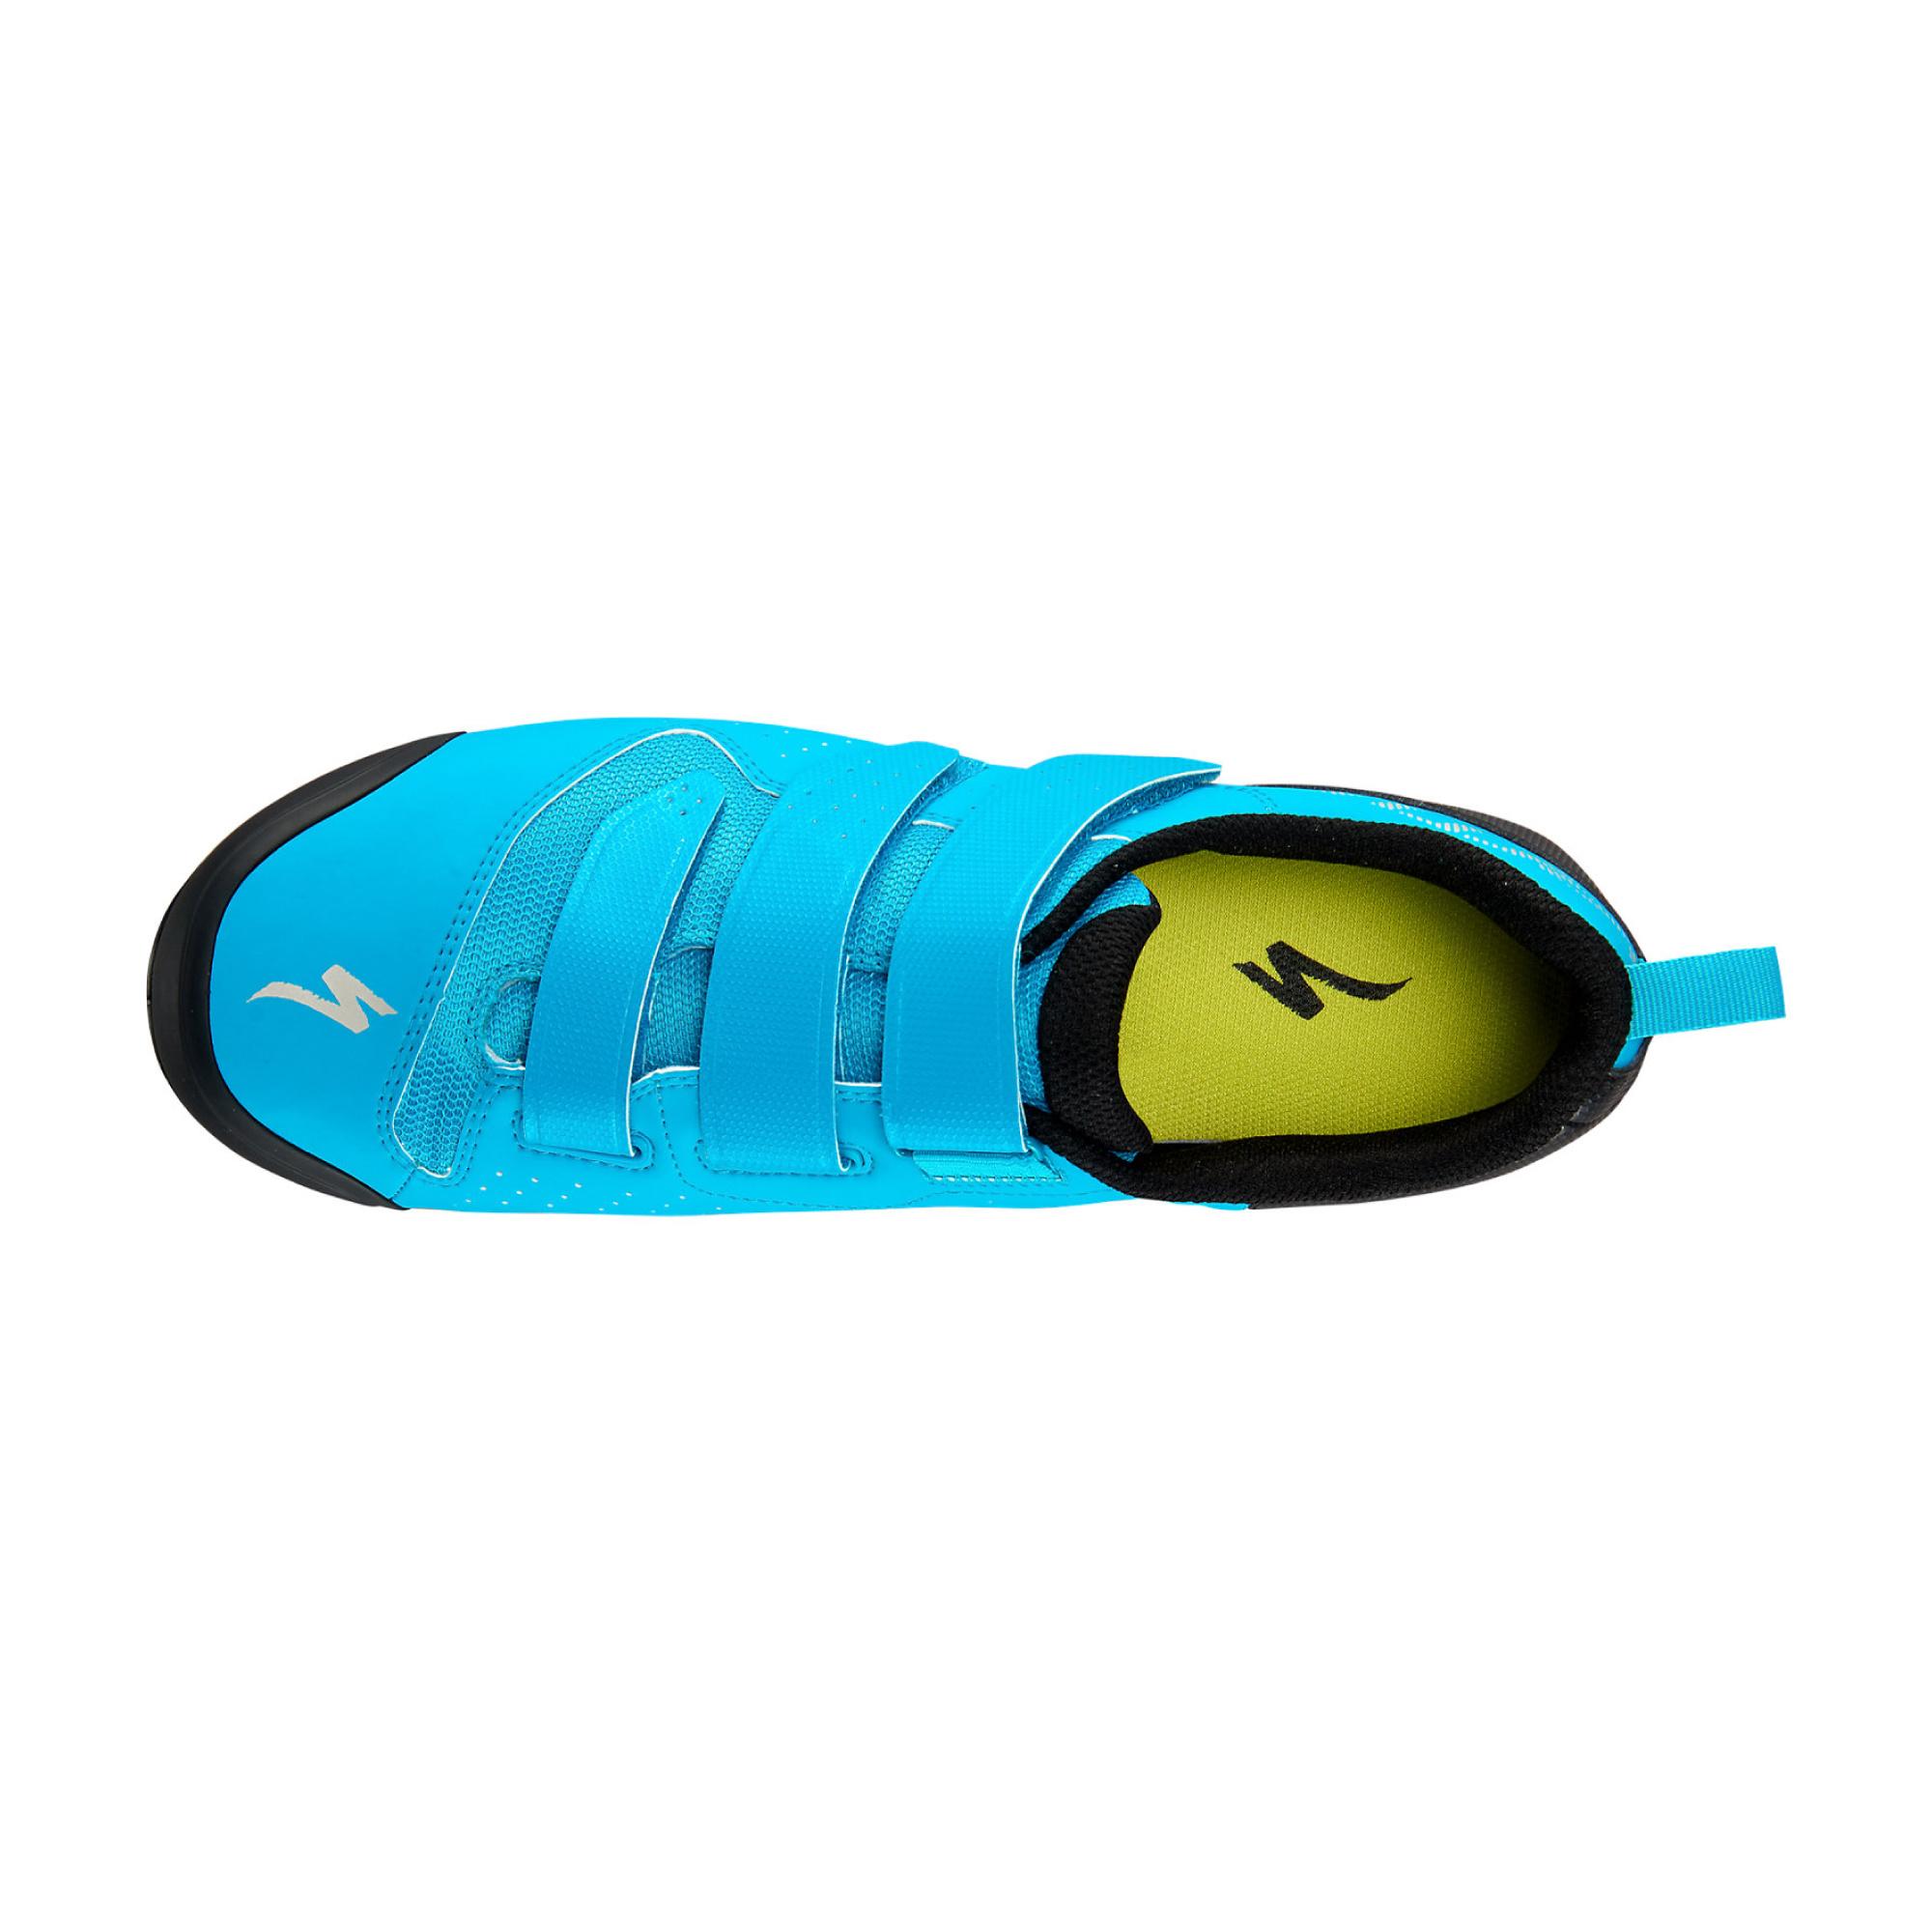 Recon 1.0 MTB Shoe-8